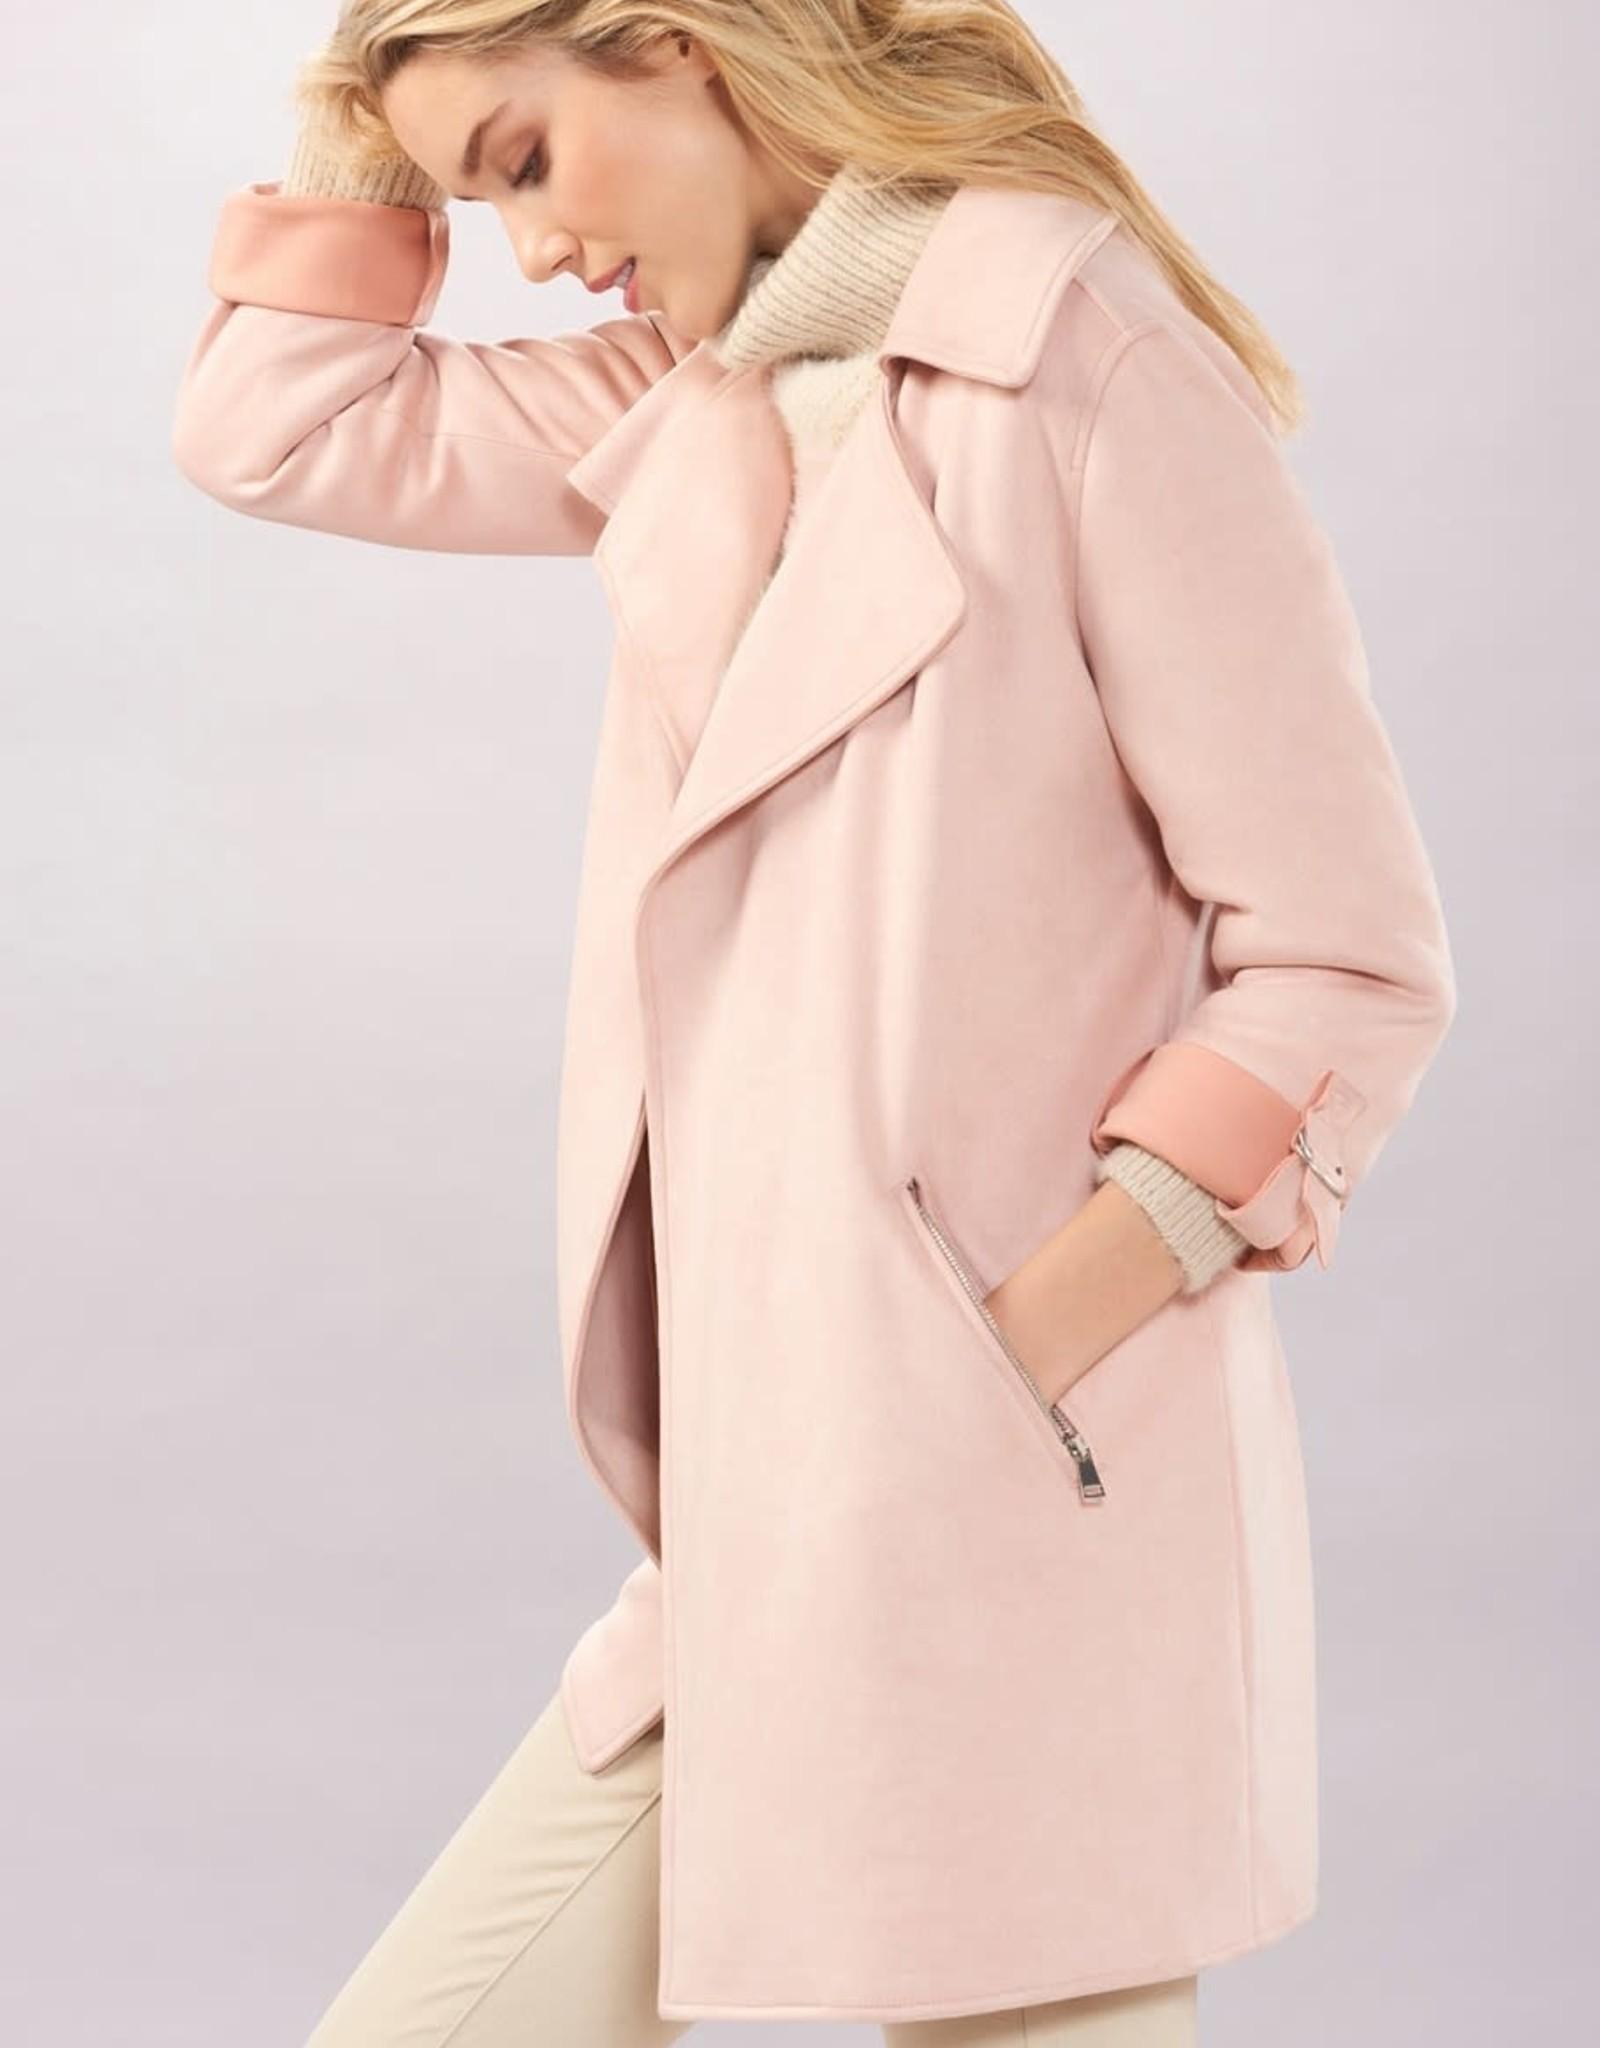 Charlie Paige CP - Soft Faux Suede Coat